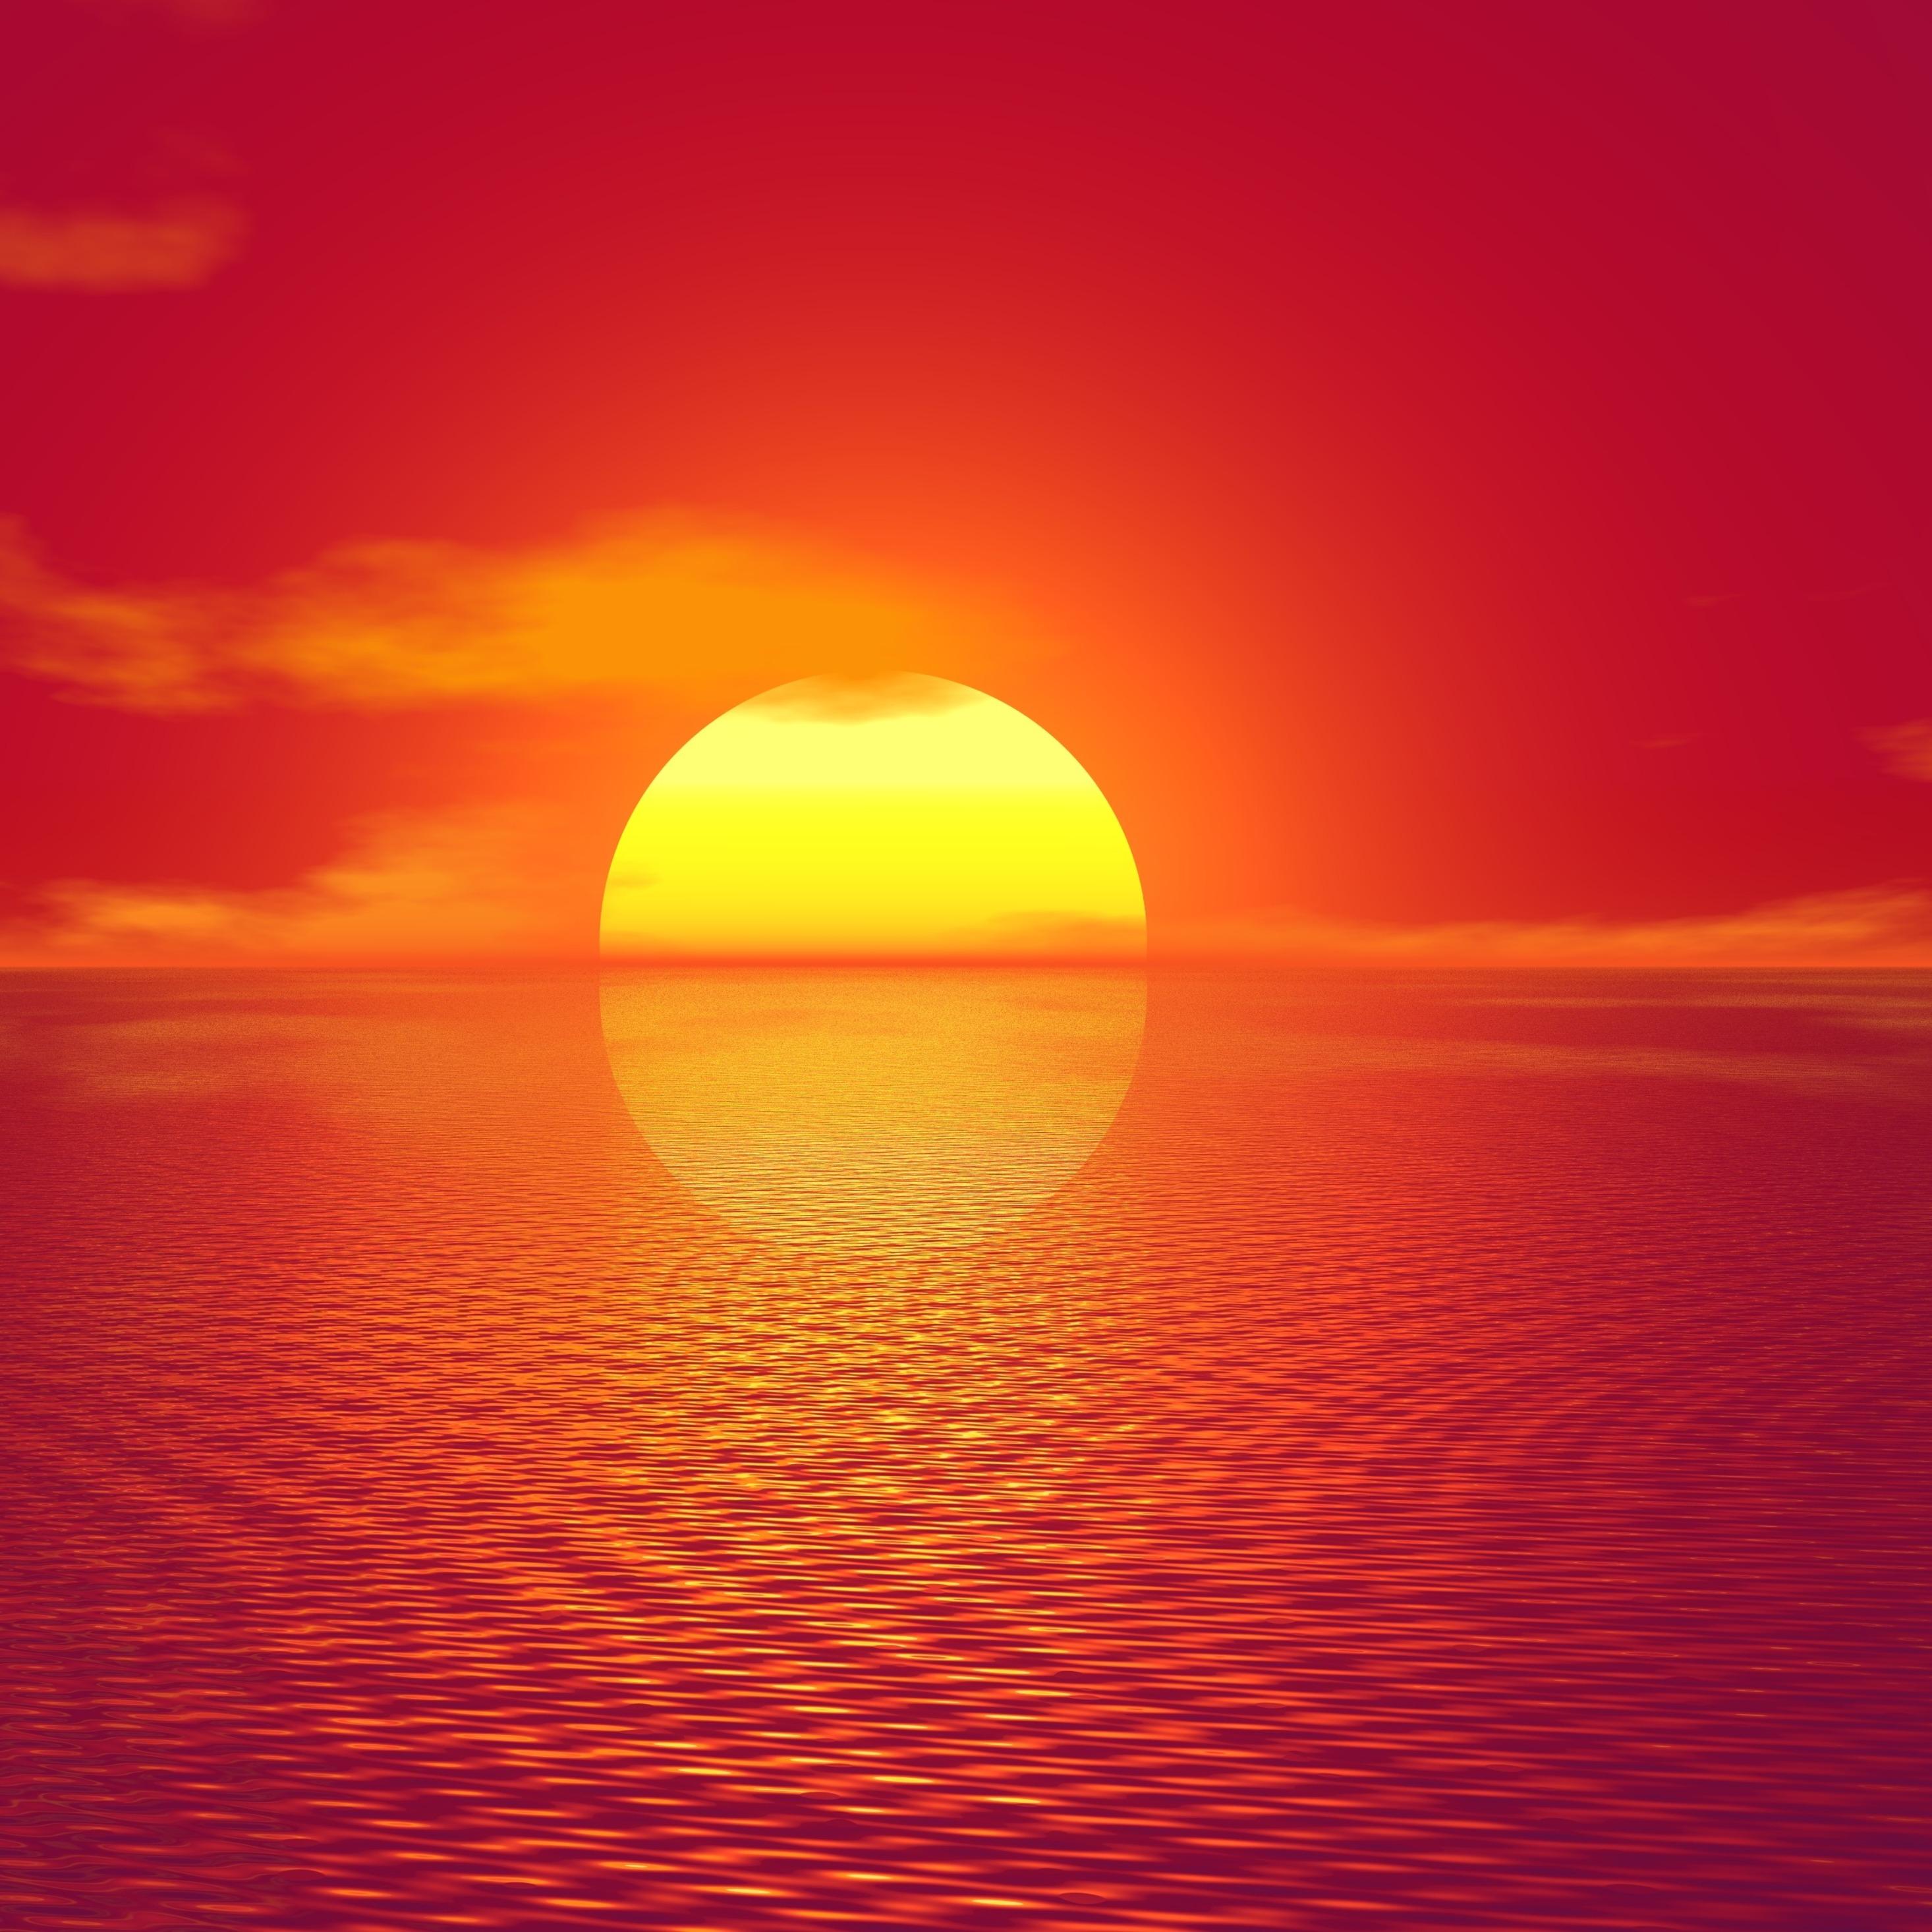 2932x2932 Big Sun Sunset 4k Ipad Pro Retina Display HD 4k ...